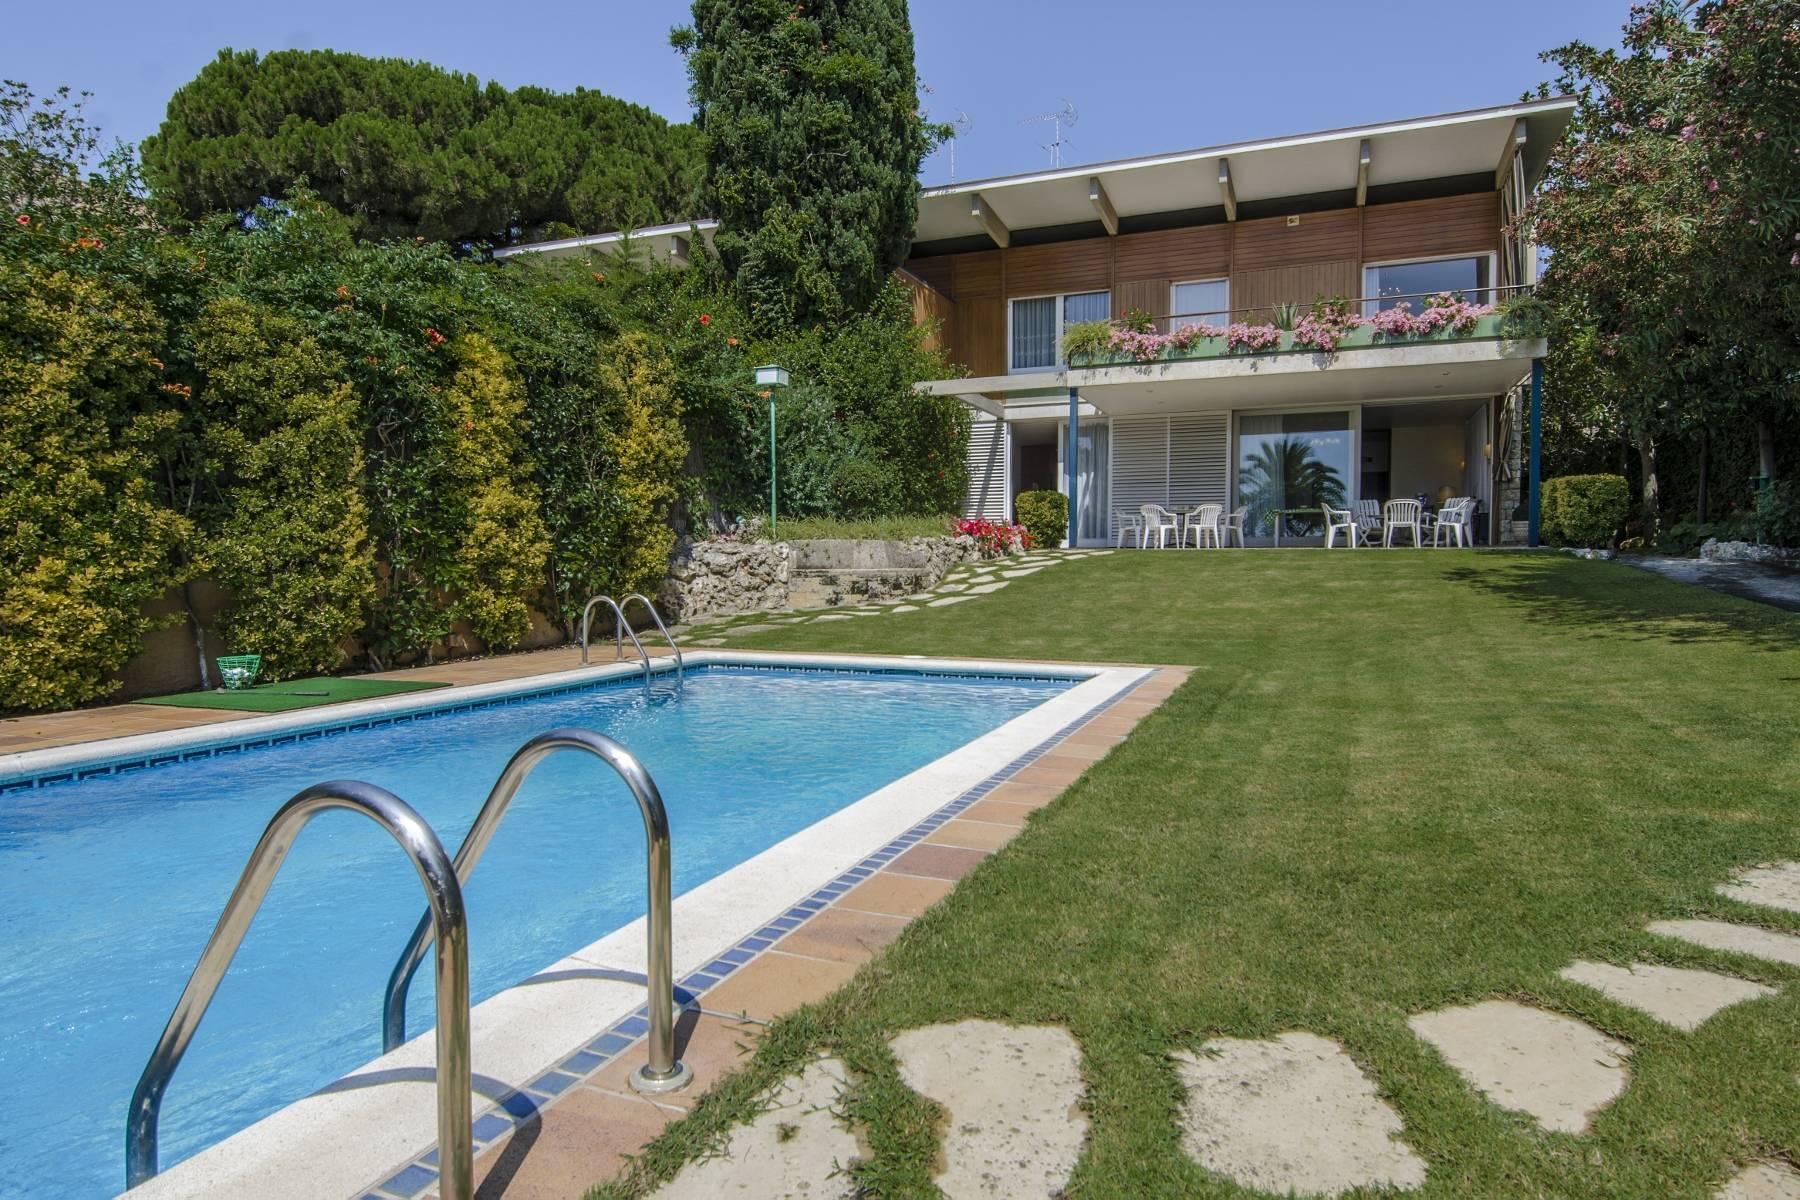 Casa para uma família para Venda às Exclusive Seafront House for Sale in Caldes d'Estrac Sant Andreu De Llavaneres, Barcelona, 08392 Espanha